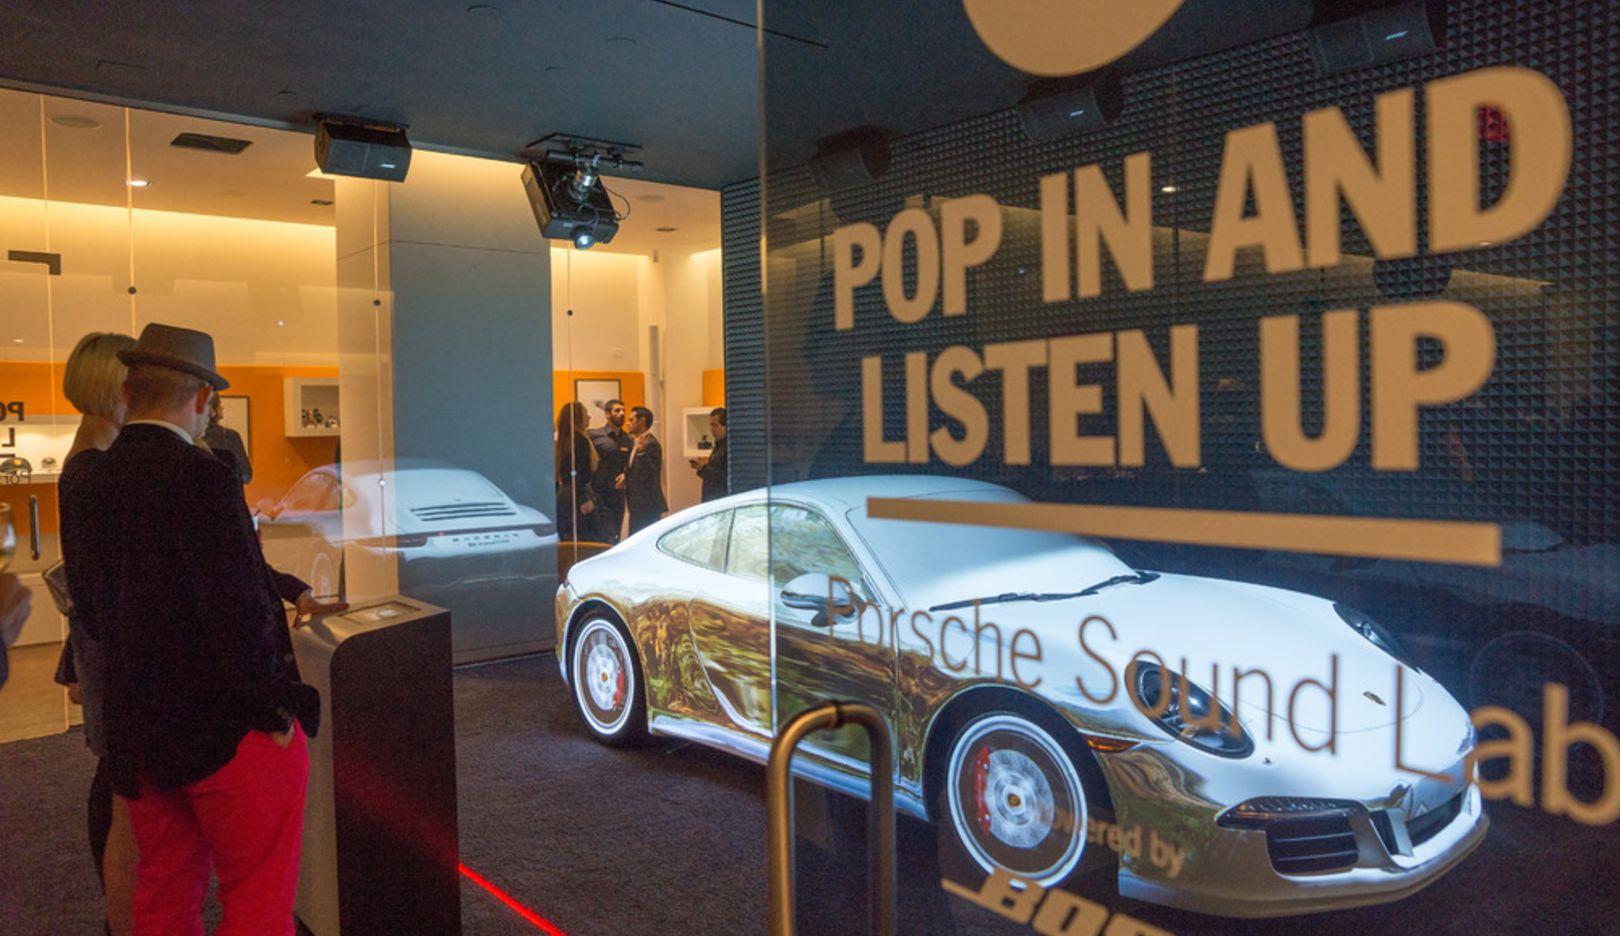 Porsche Pop-up-Store, New York City, 2014, Porsche AG